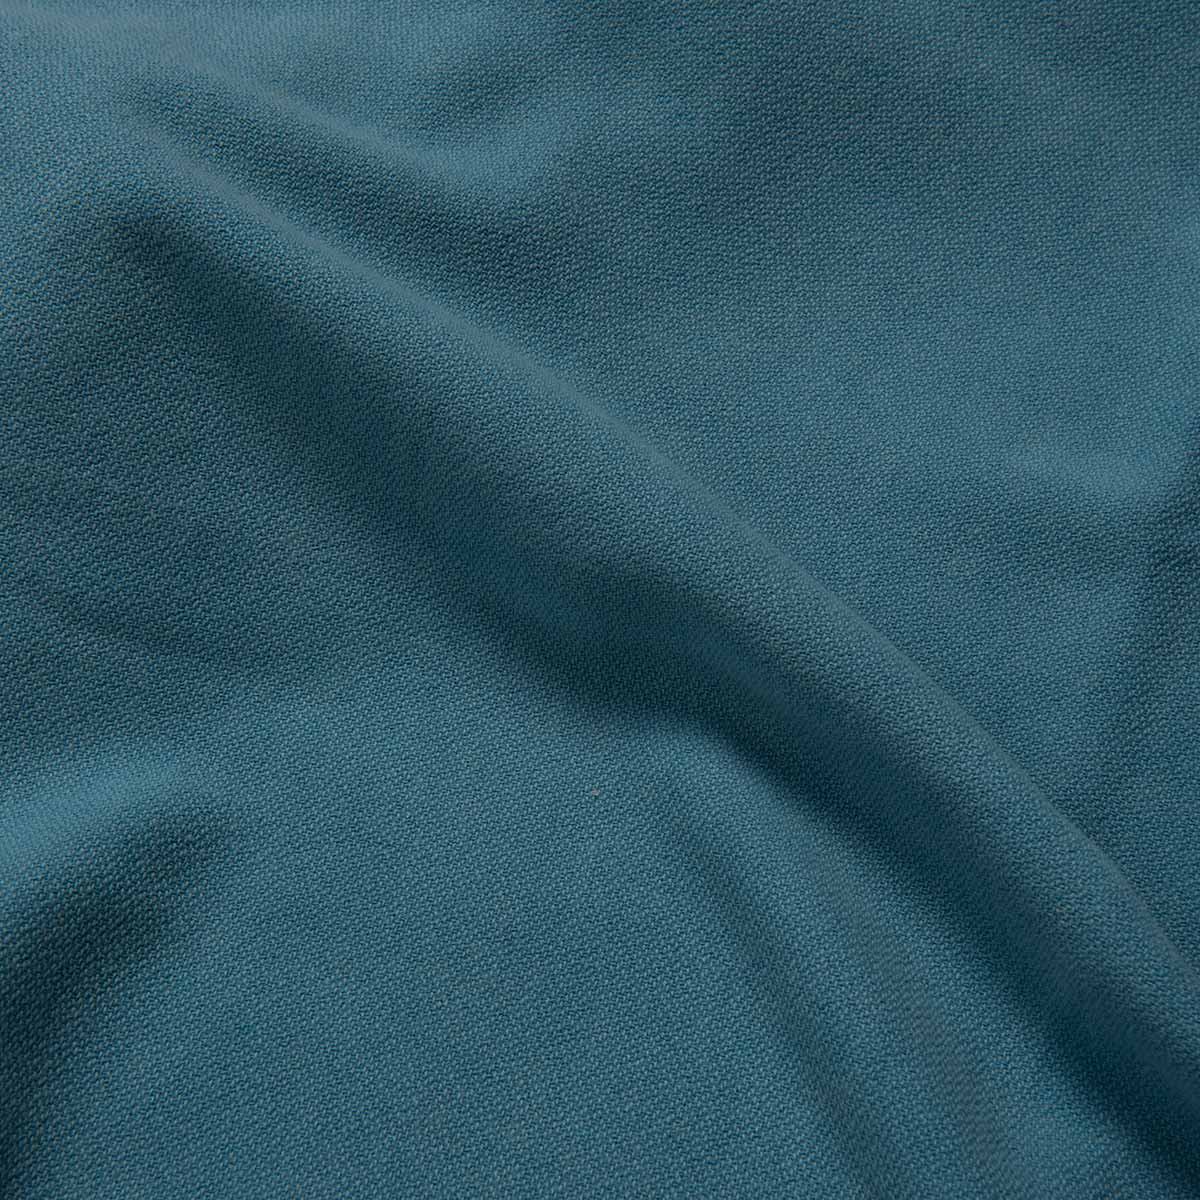 Peştemal Taş Sultan - Petrol Mavi